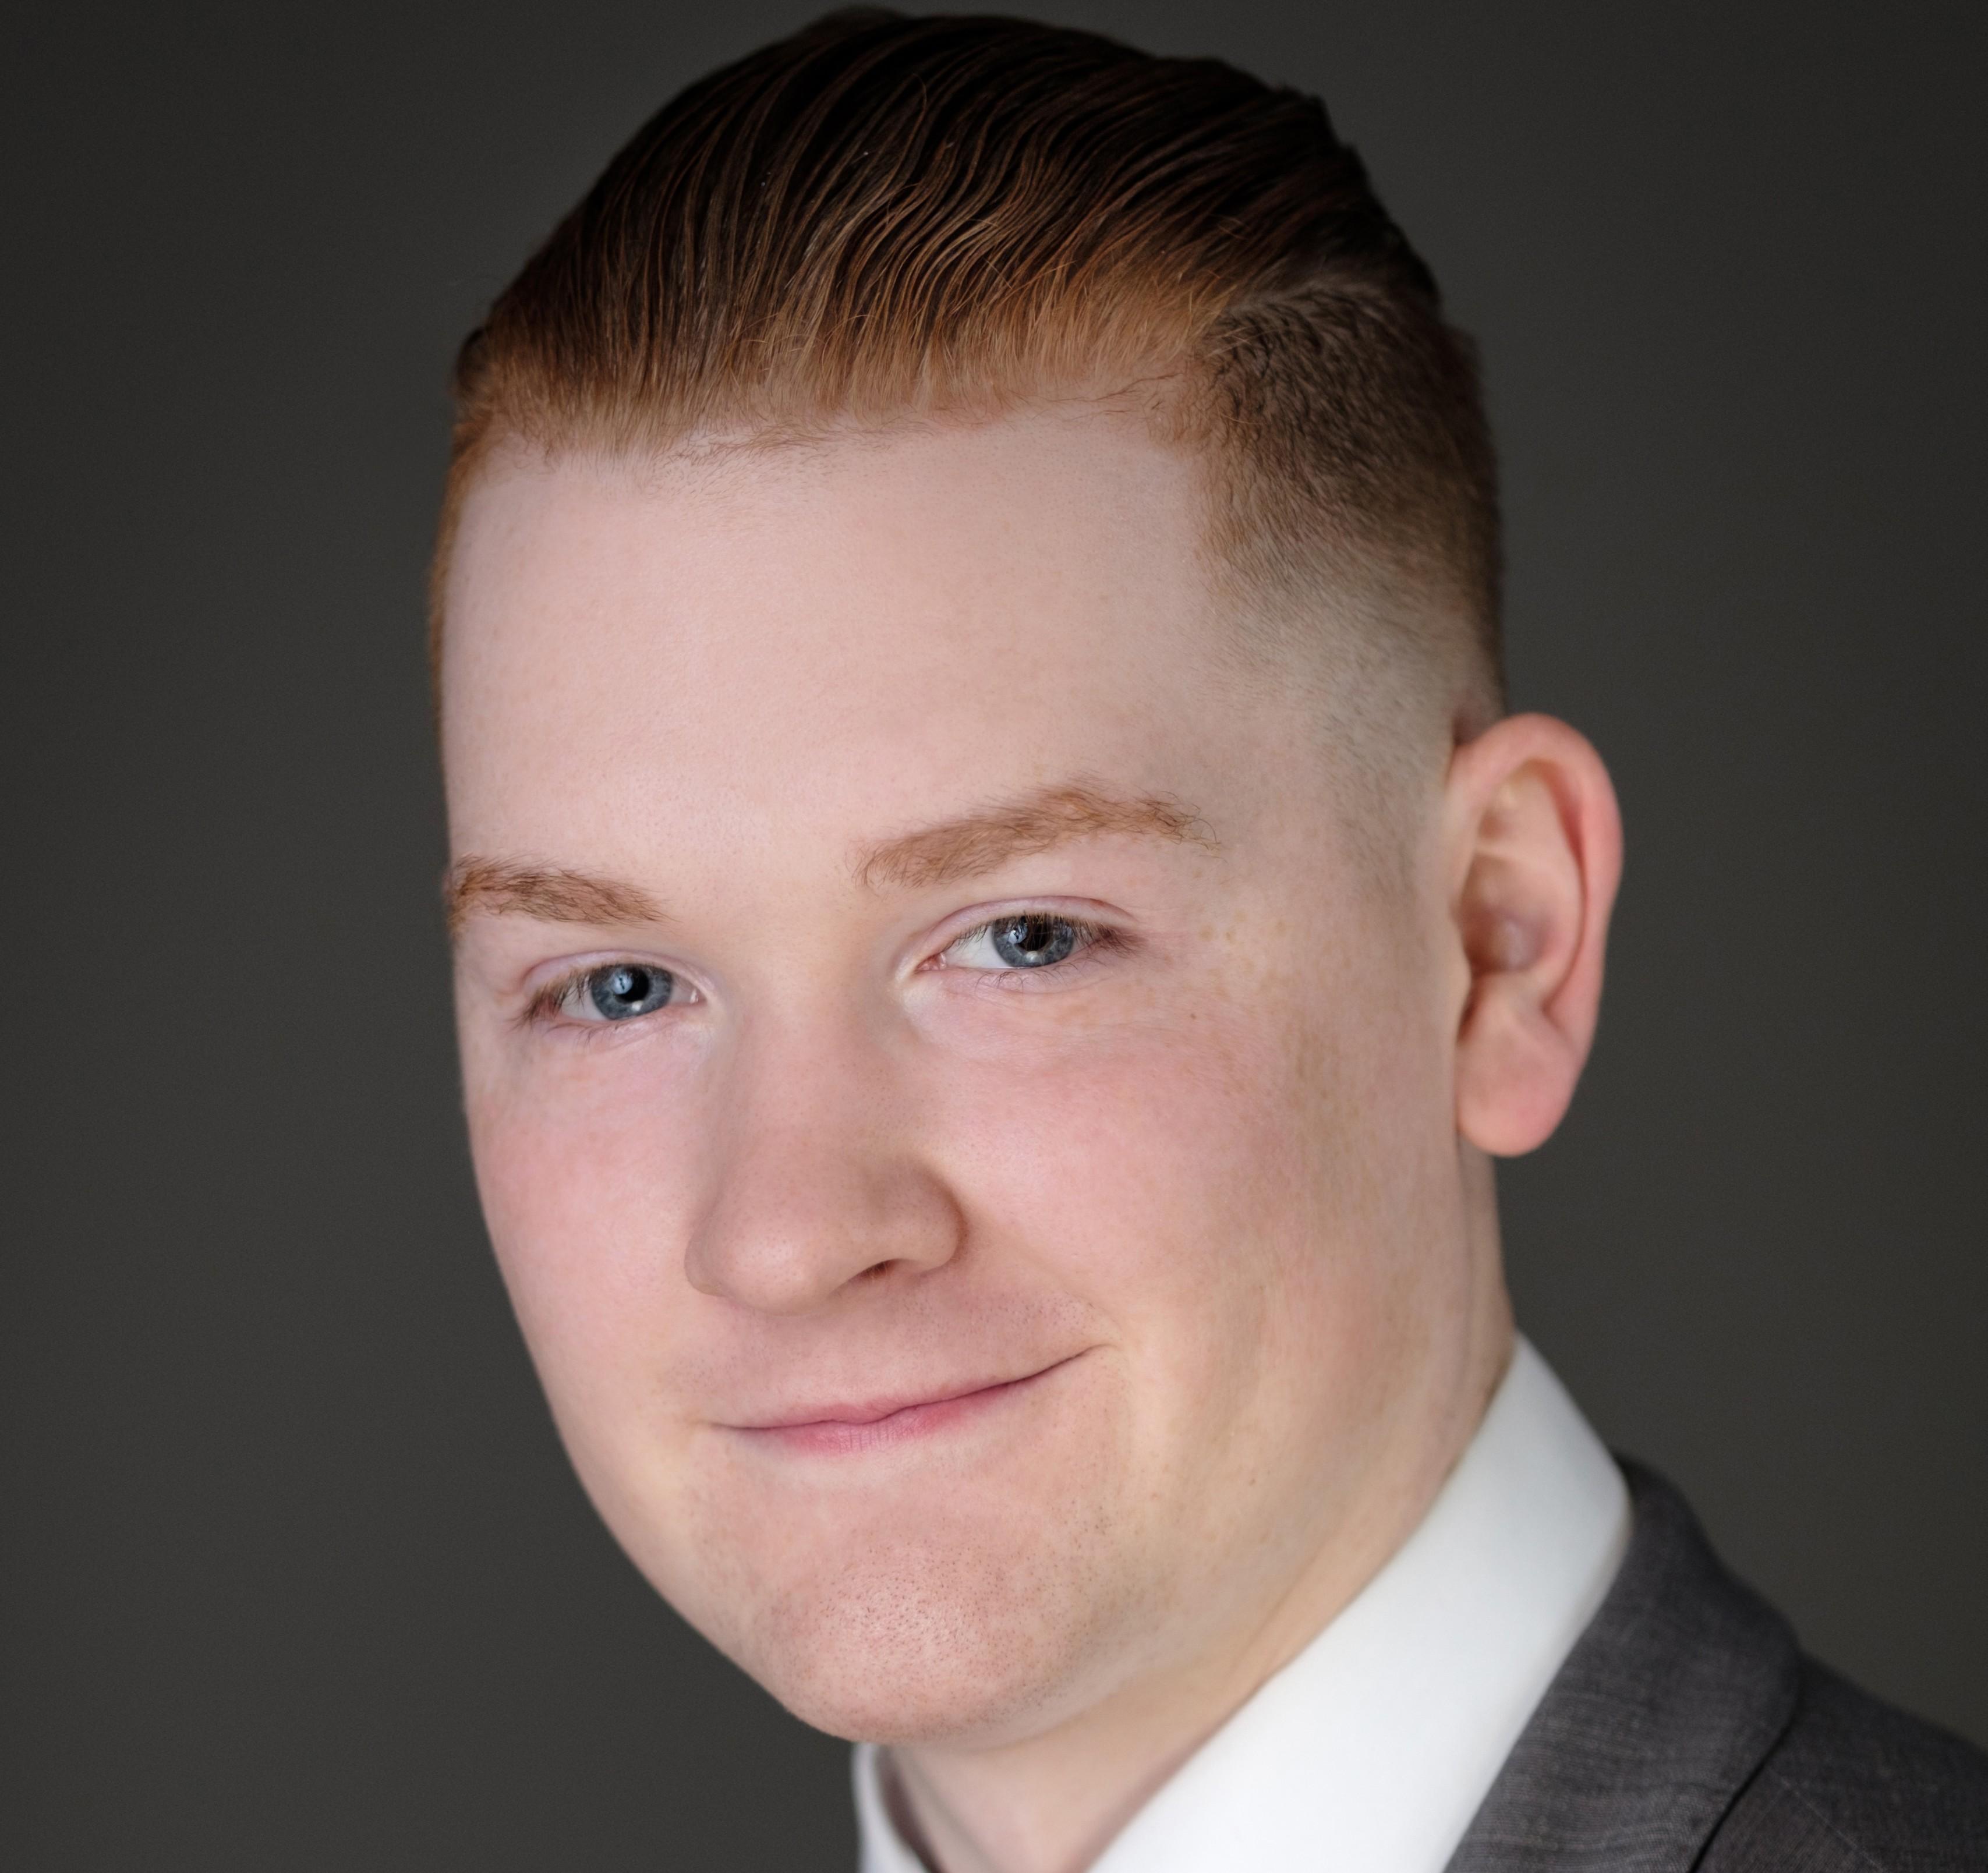 Connor Morgan